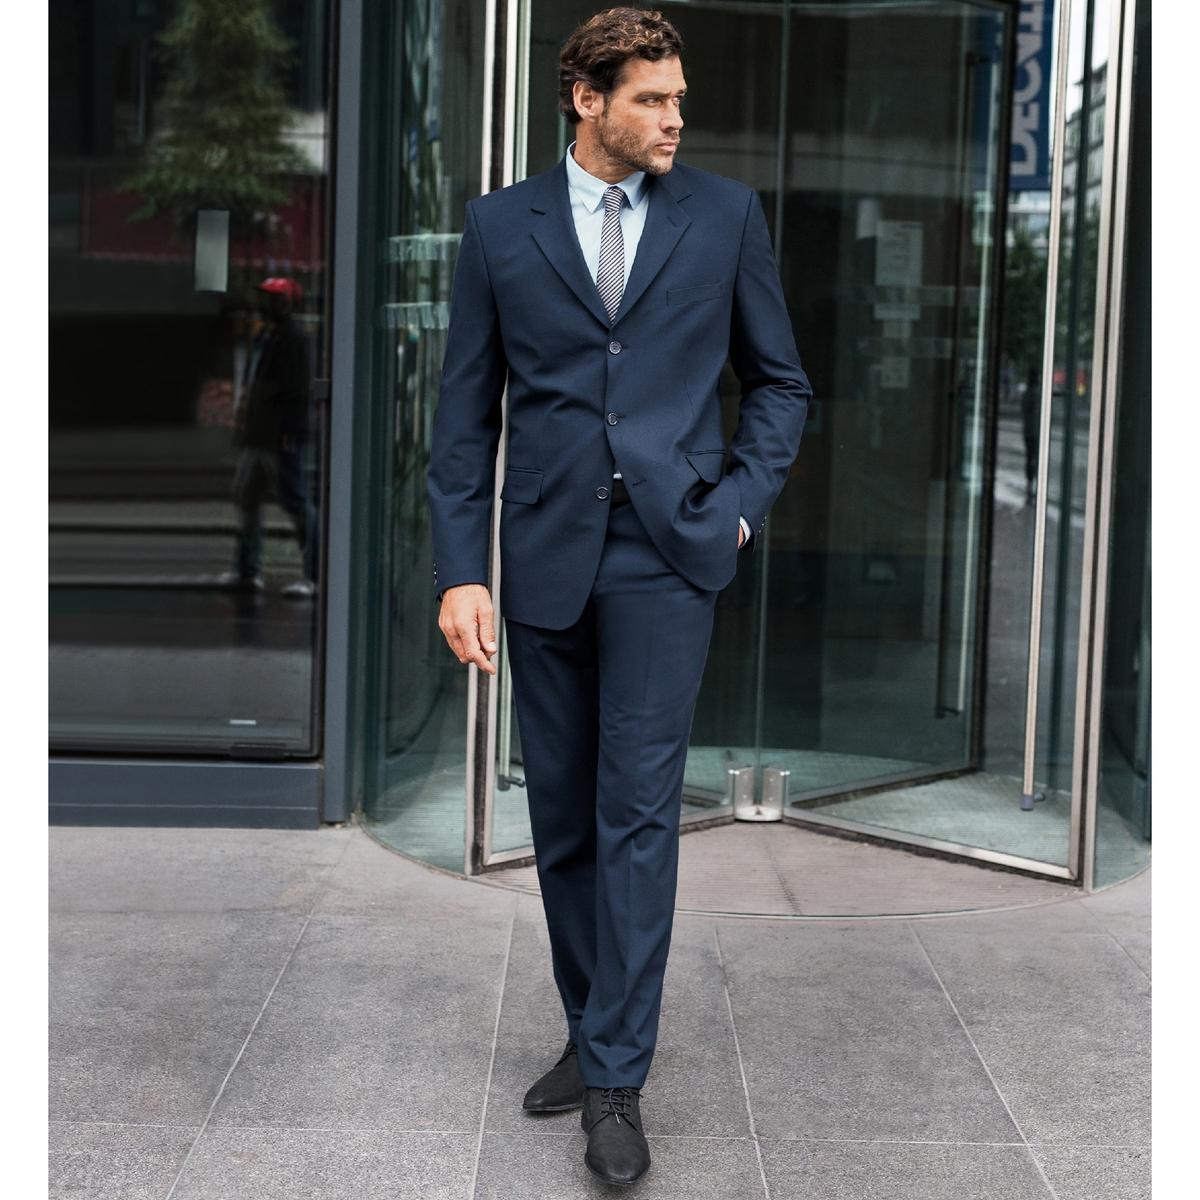 Брюки от костюма без защипов из ткани стретч, длина.2Брюки от костюма без защипов, длина 2. Высококачественная эластичная ткань, 62% полиэстера, 33% вискозы, 5% эластана. Подкладка 100% полиэстер. Длина 2 : при росте от 187 см.Можно носить как в сочетании с пиджаком, так и отдельно. Полнота пояса регулируется и подстраивается под любую морфологию. Застежка на молнию, пуговицу и крючок. 2 косых кармана. 1 прорезной карман с пуговицей сзади. Необработанный низ. Длина 2 : при росте от 187 см.- Длина по внутр.шву : 91,8-94,8 см, в зависимости от размера. - Ширина по низу : 21,4-27,4 см, в зависимости от размера. Есть также модель длины 1: при росте до 187 см. Есть также модель с защипами.<br><br>Цвет: антрацит,темно-синий,черный<br>Размер: 48 (FR) - 54 (RUS).58.64.48 (FR) - 54 (RUS).54